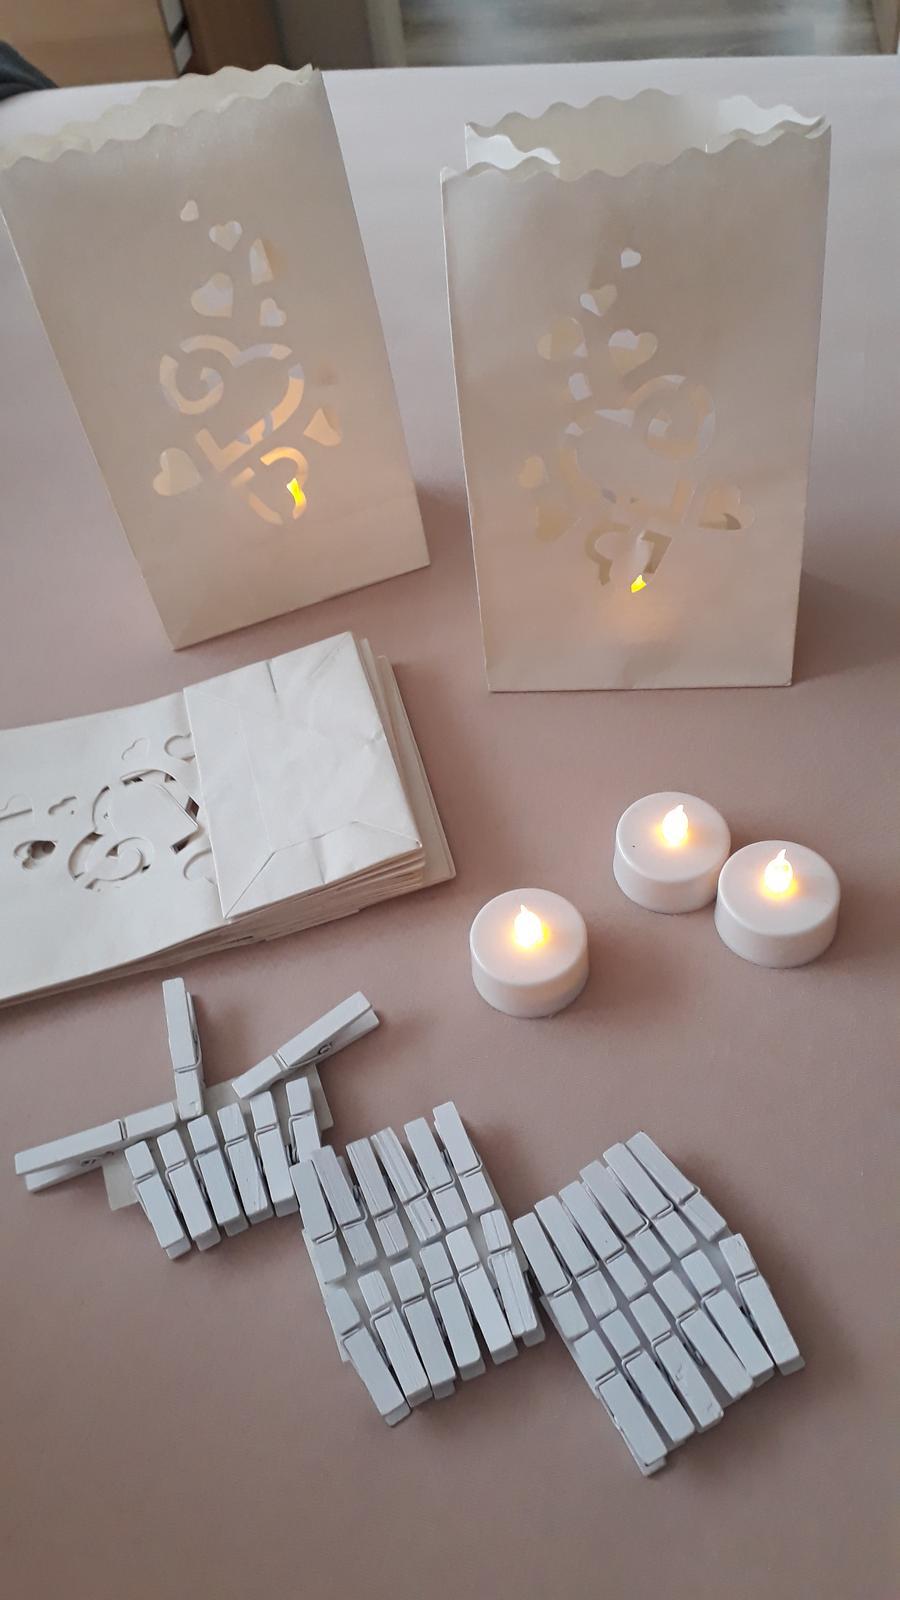 Lampionove sacky a mini kolicky - Obrázek č. 1